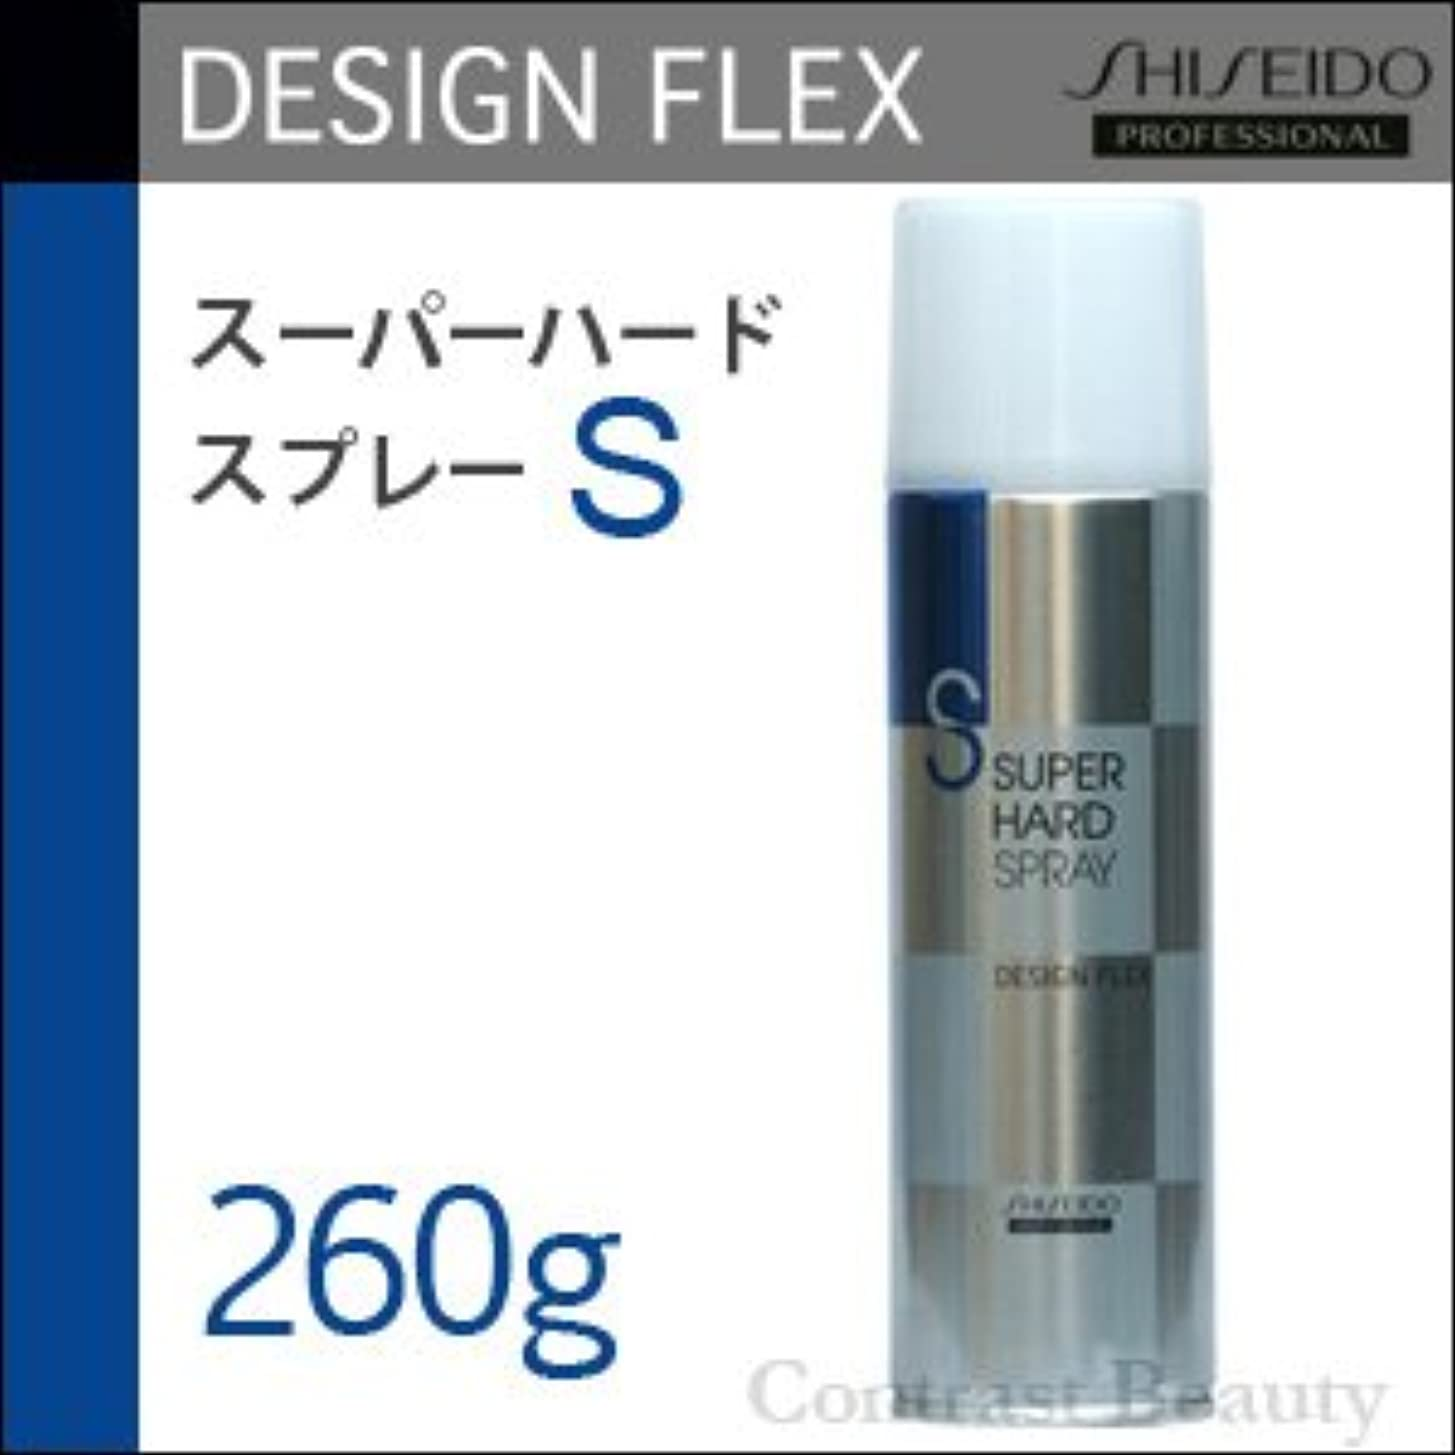 どこノーブル土【x5個セット】 資生堂 デザインフレックス スーパーハードスプレー 260g